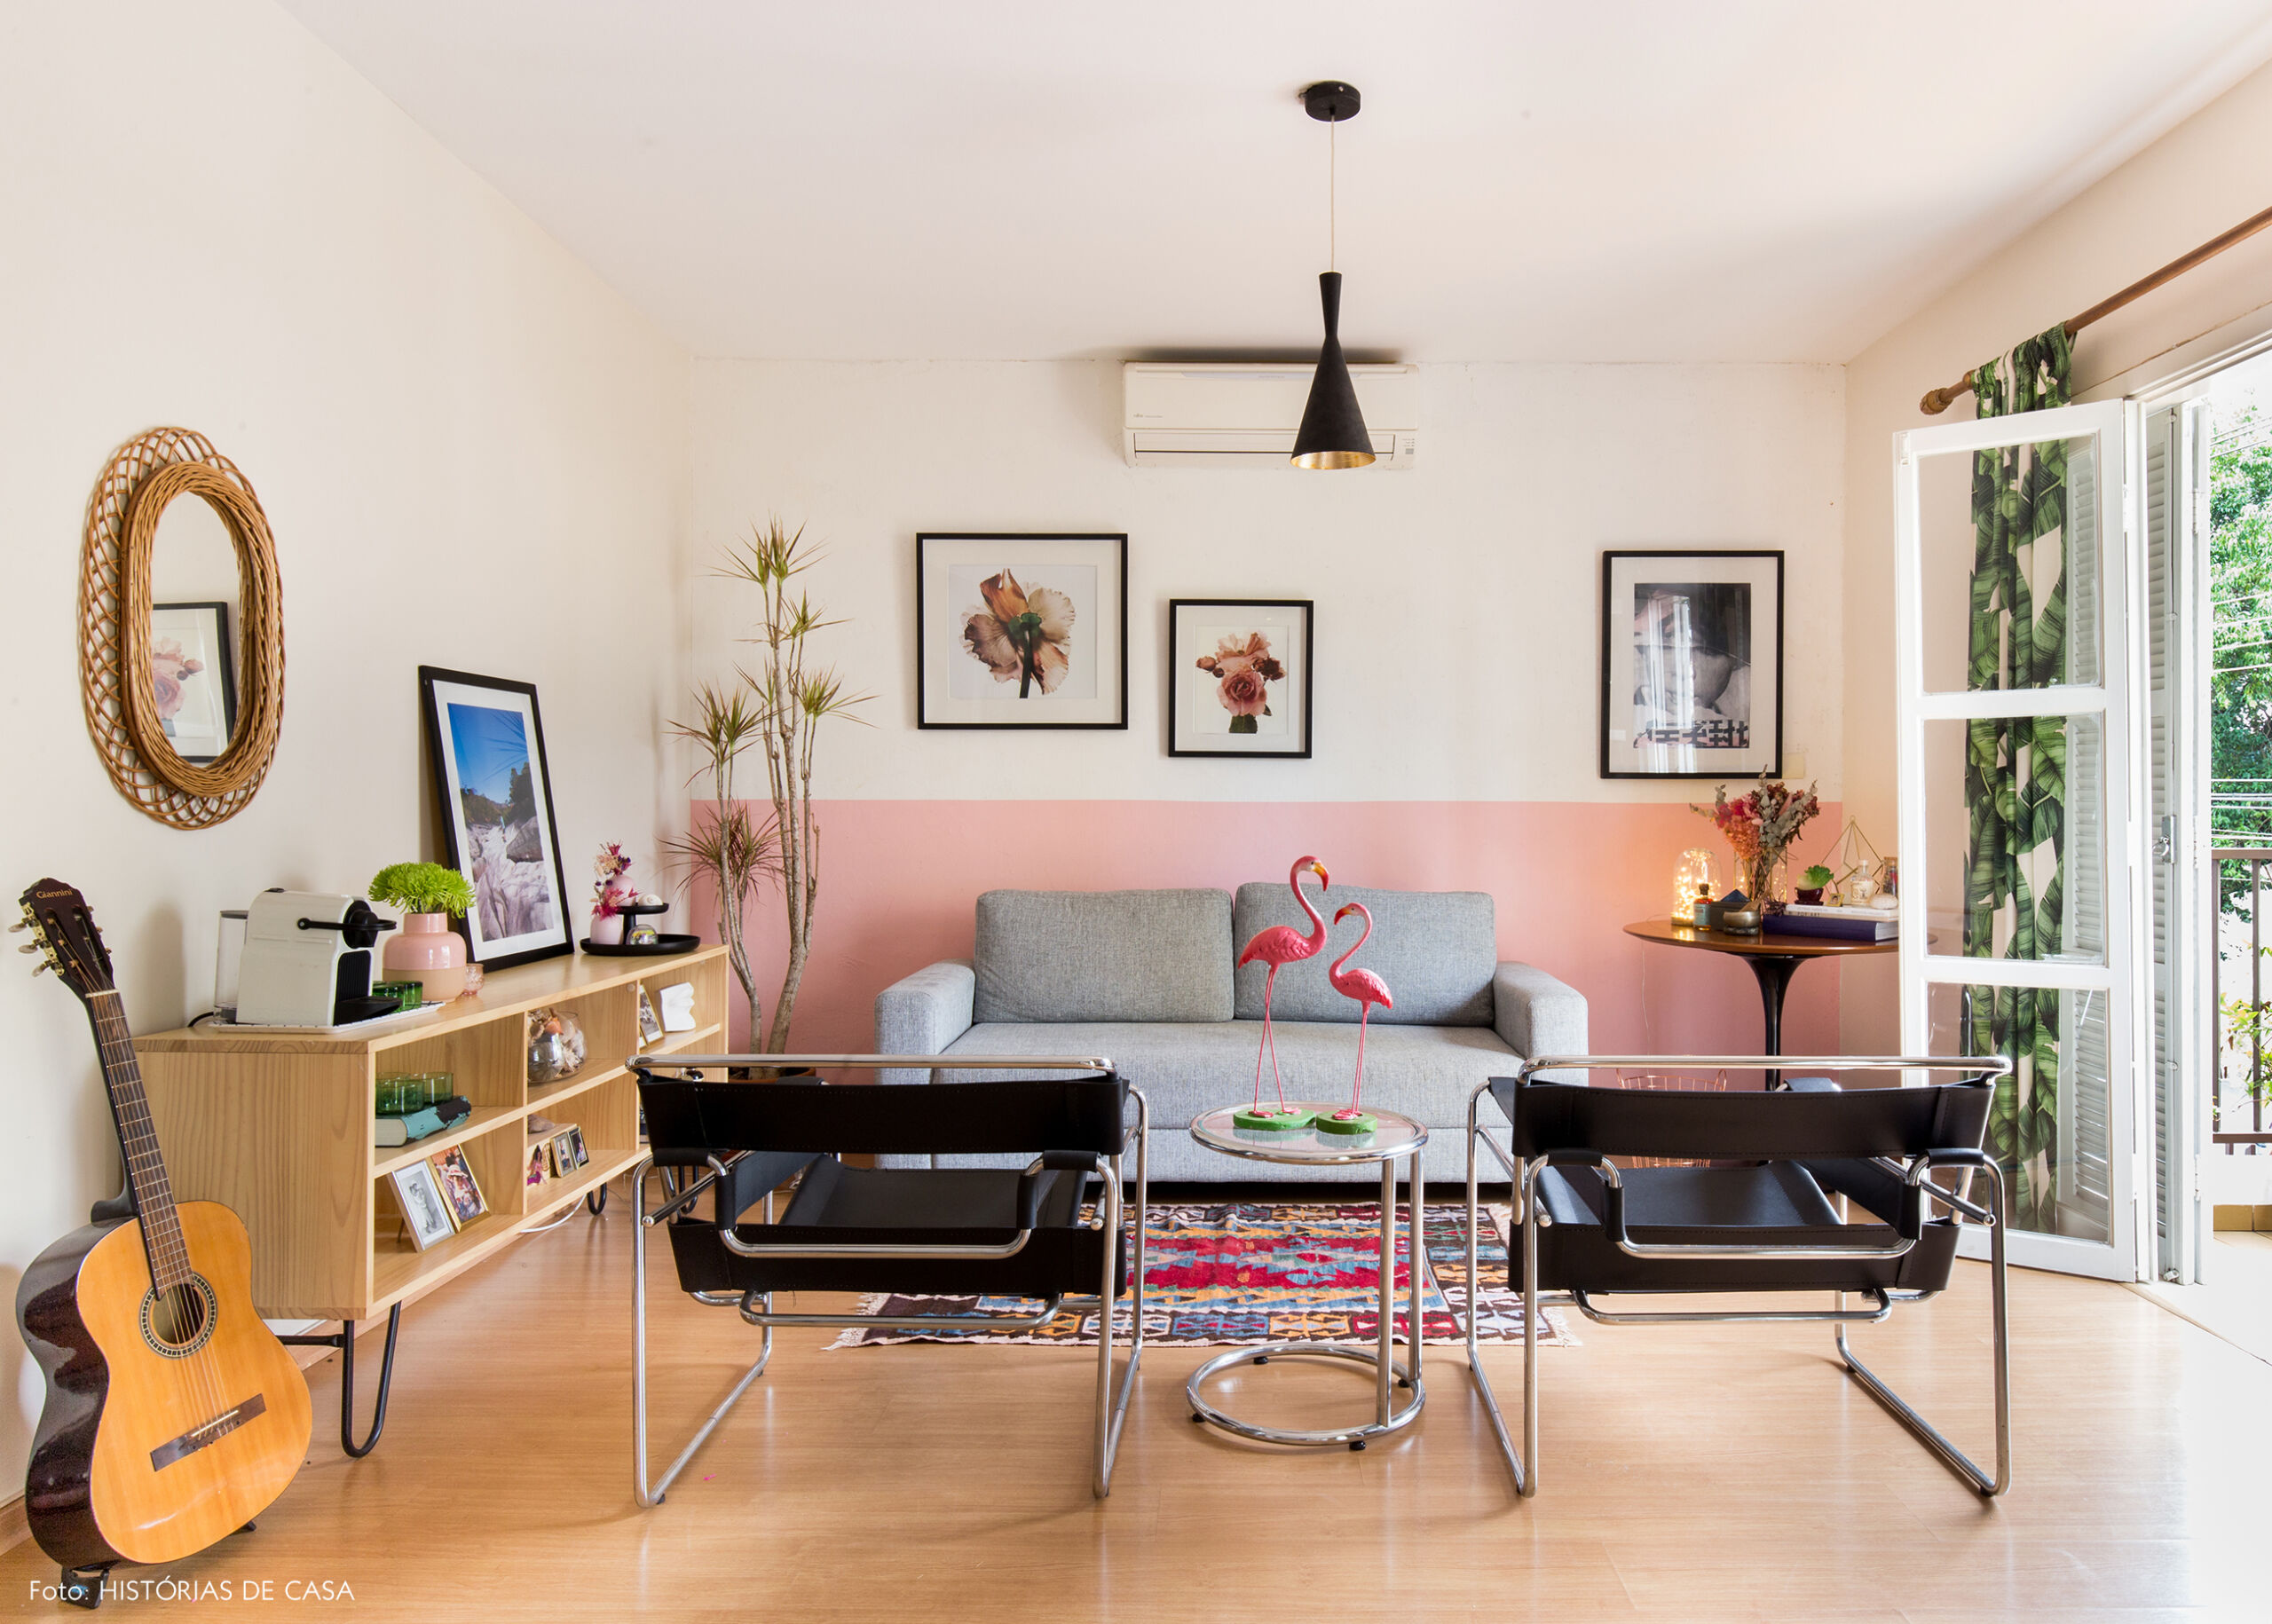 Sala com meia parede pintada de rosa e sofá cinza